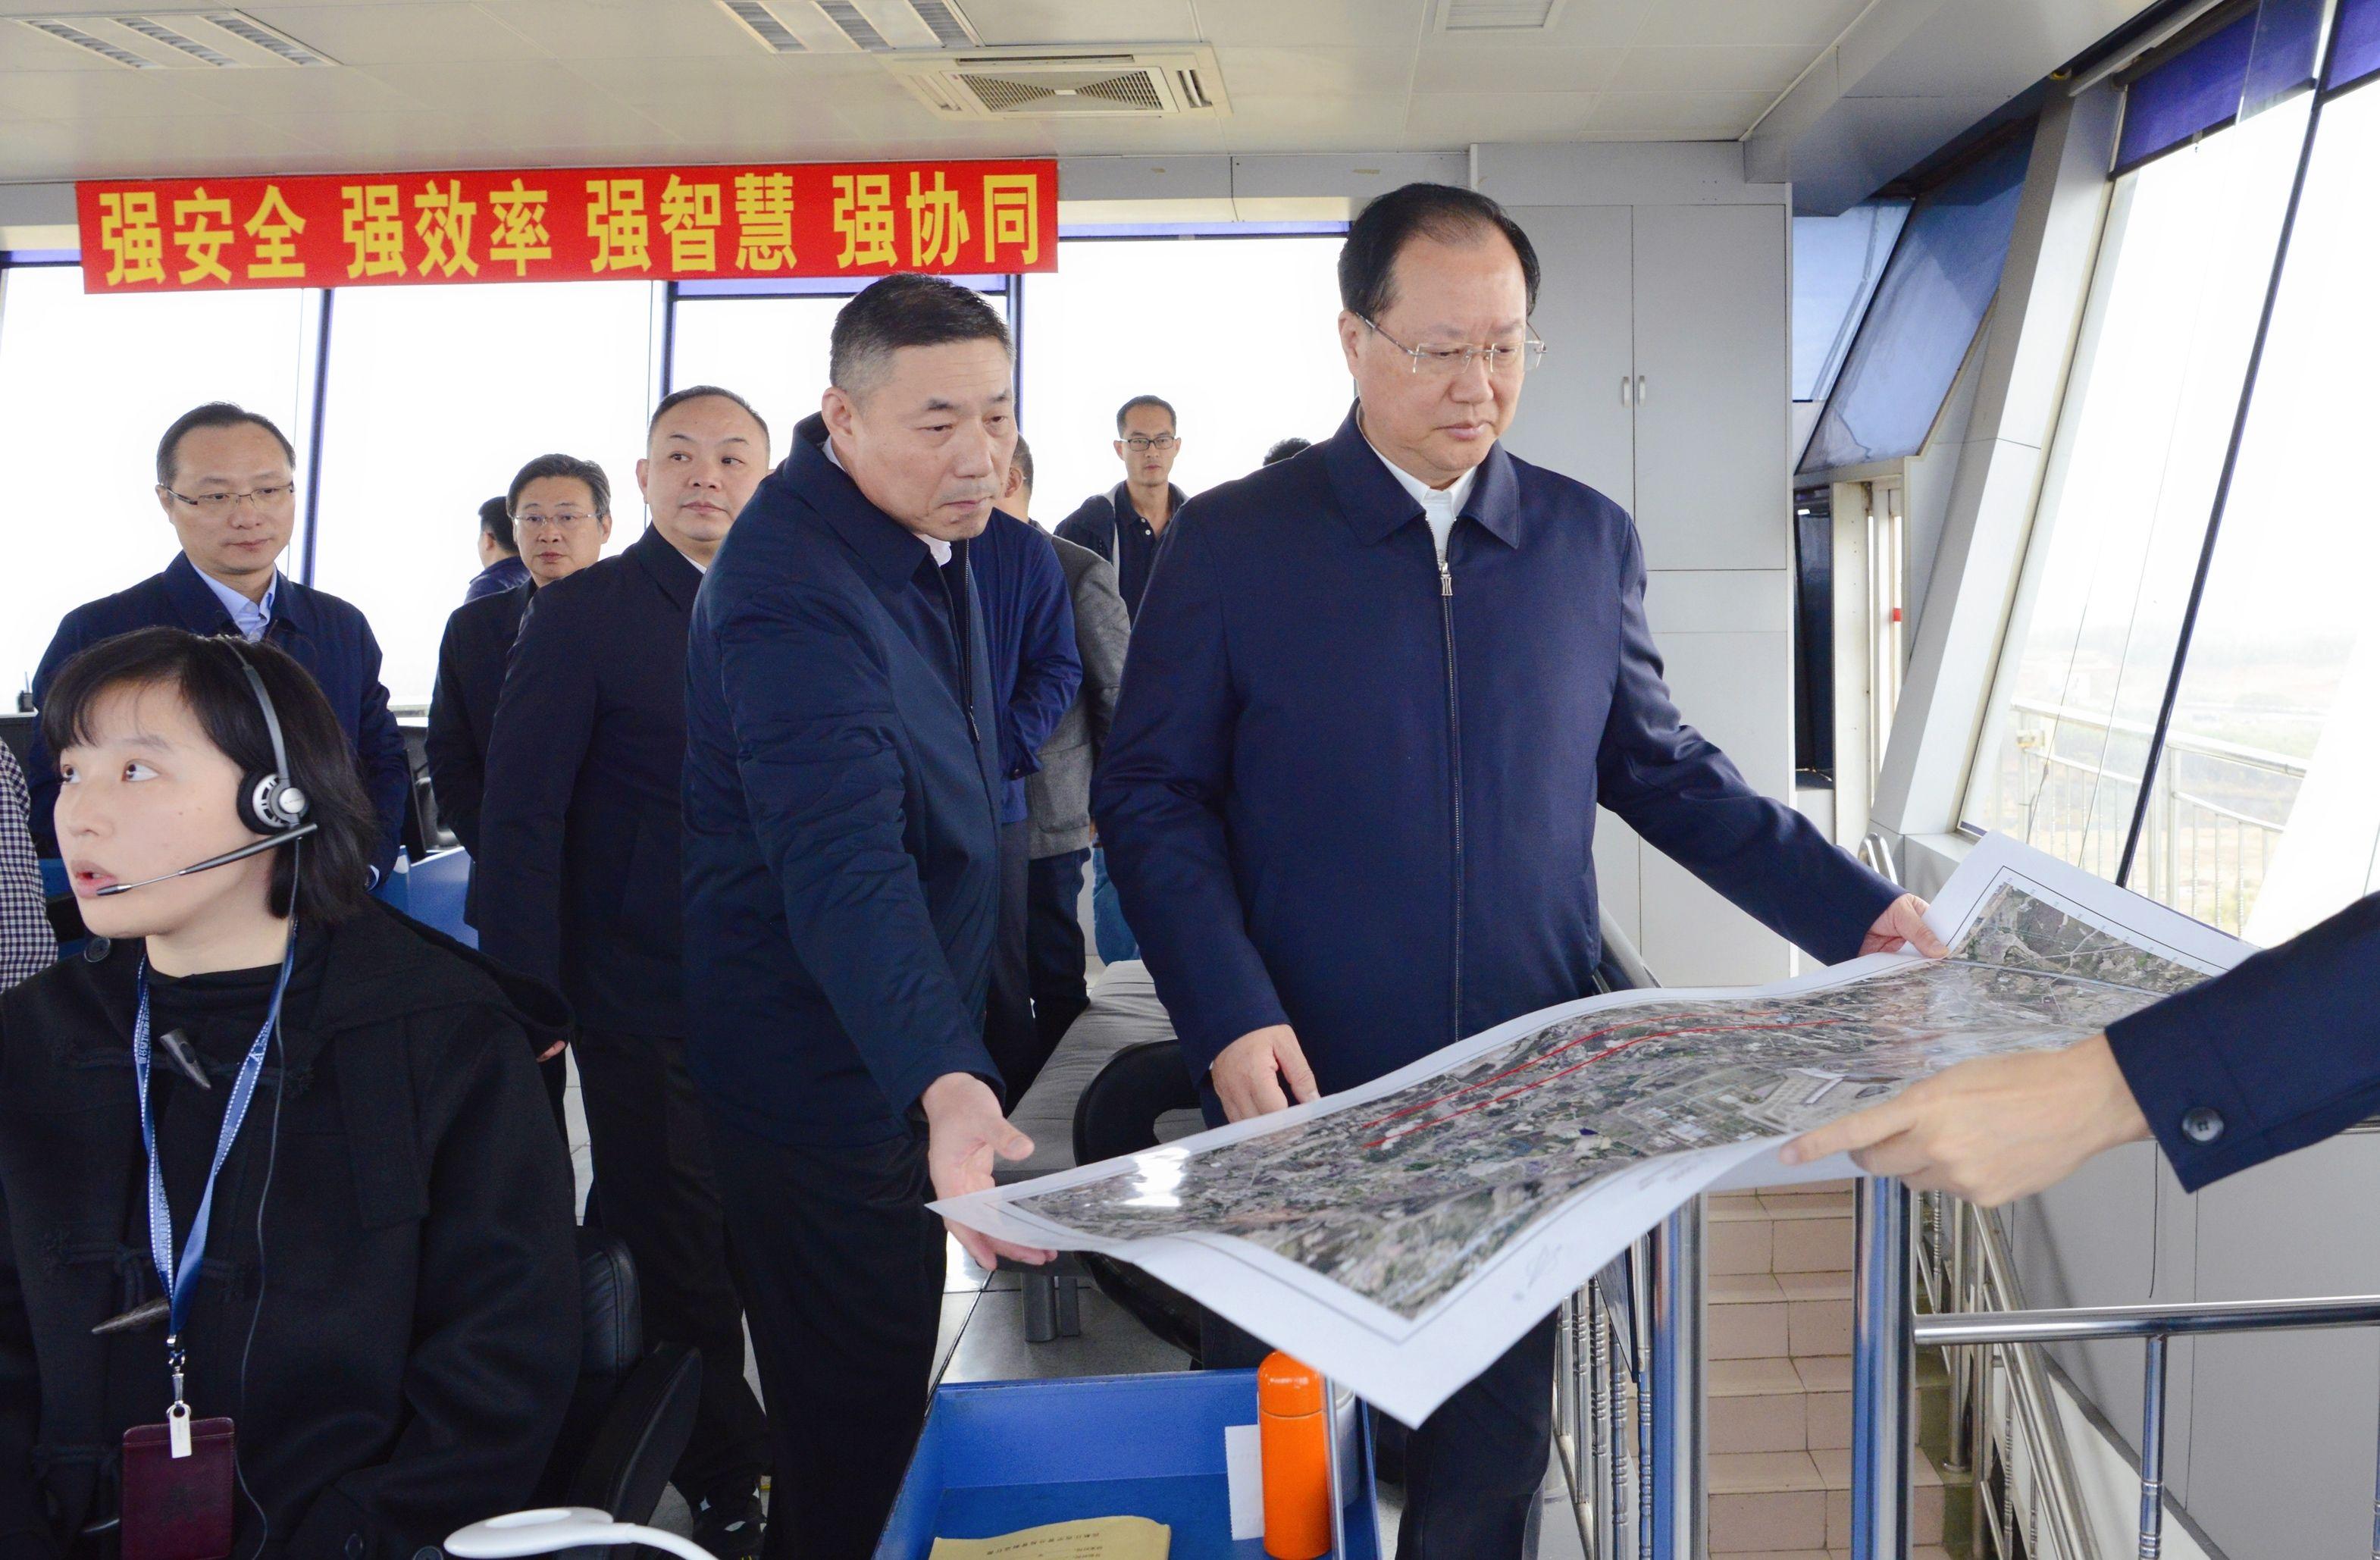 江西省委常委、常务副省长毛伟明一行到民航江西空管分局调研指导